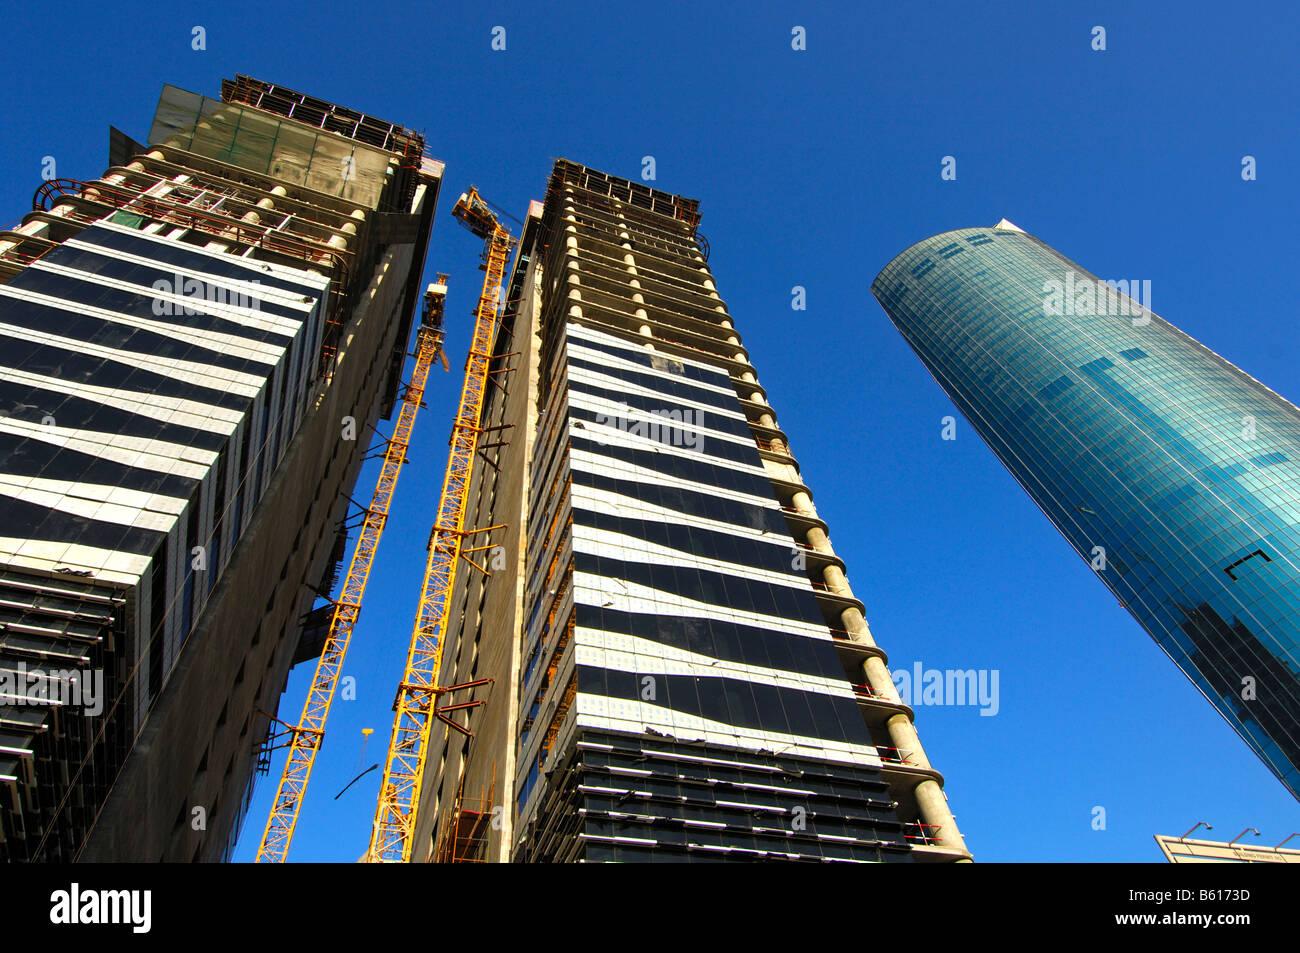 Baustelle auf der Sheikh Zayed Road, mehrstöckigen Gebäudes und die unvollendete Twin Towers, Dubai abgeschlossen Stockbild